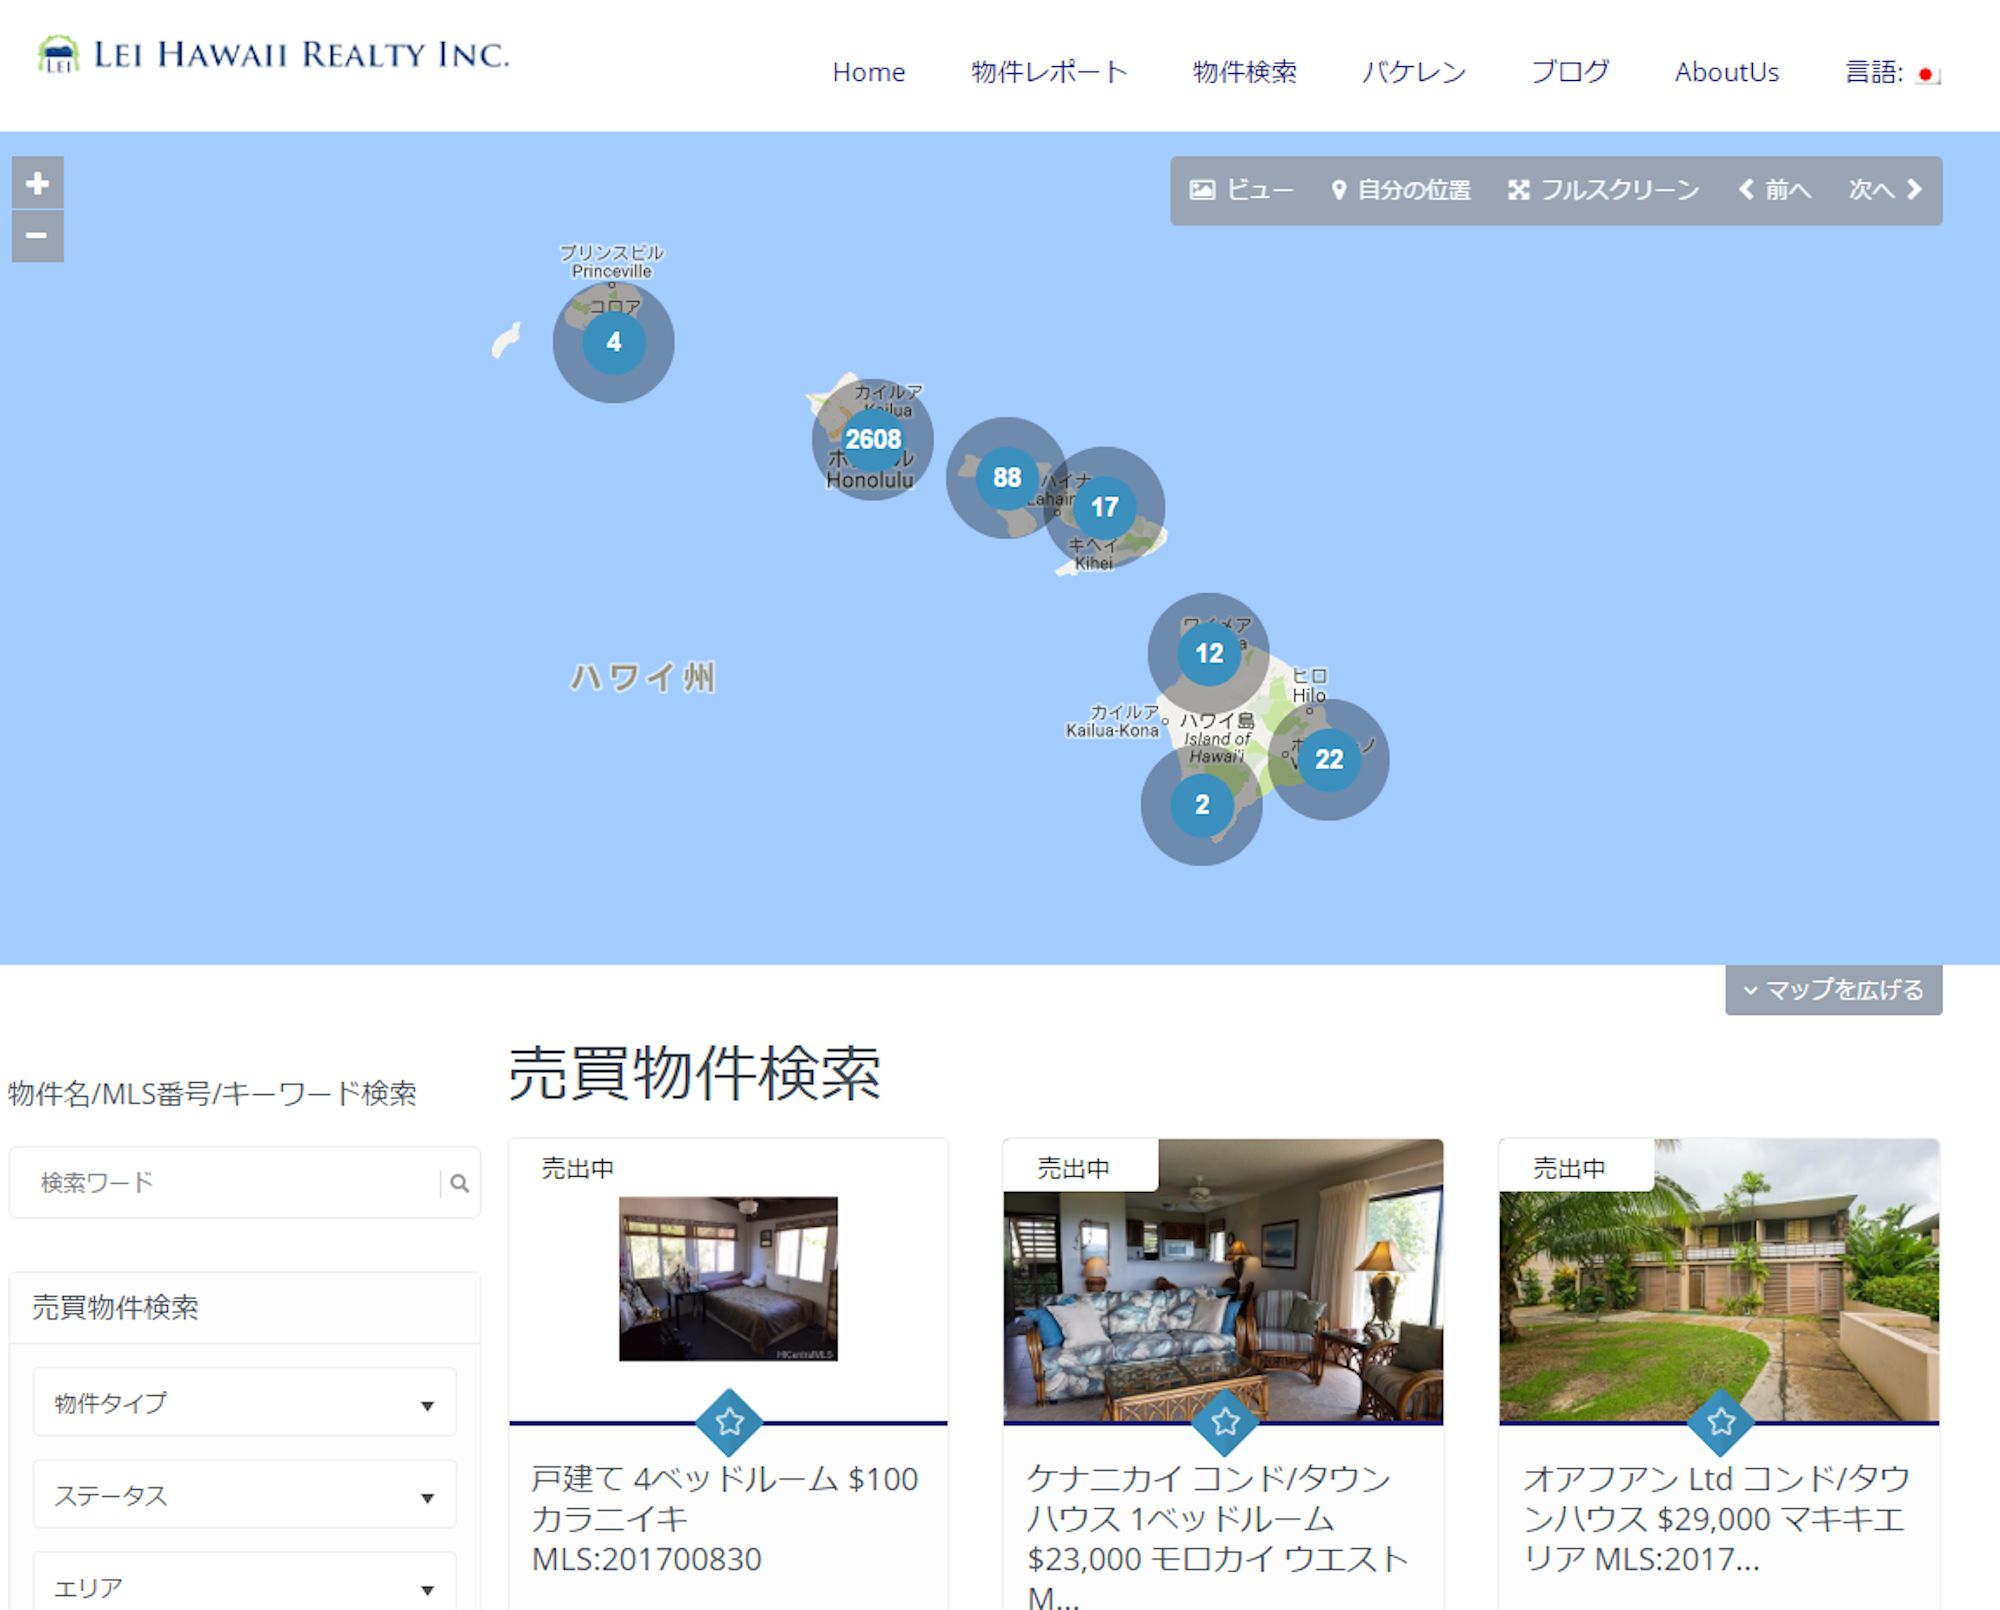 ハワイ売買検索システム